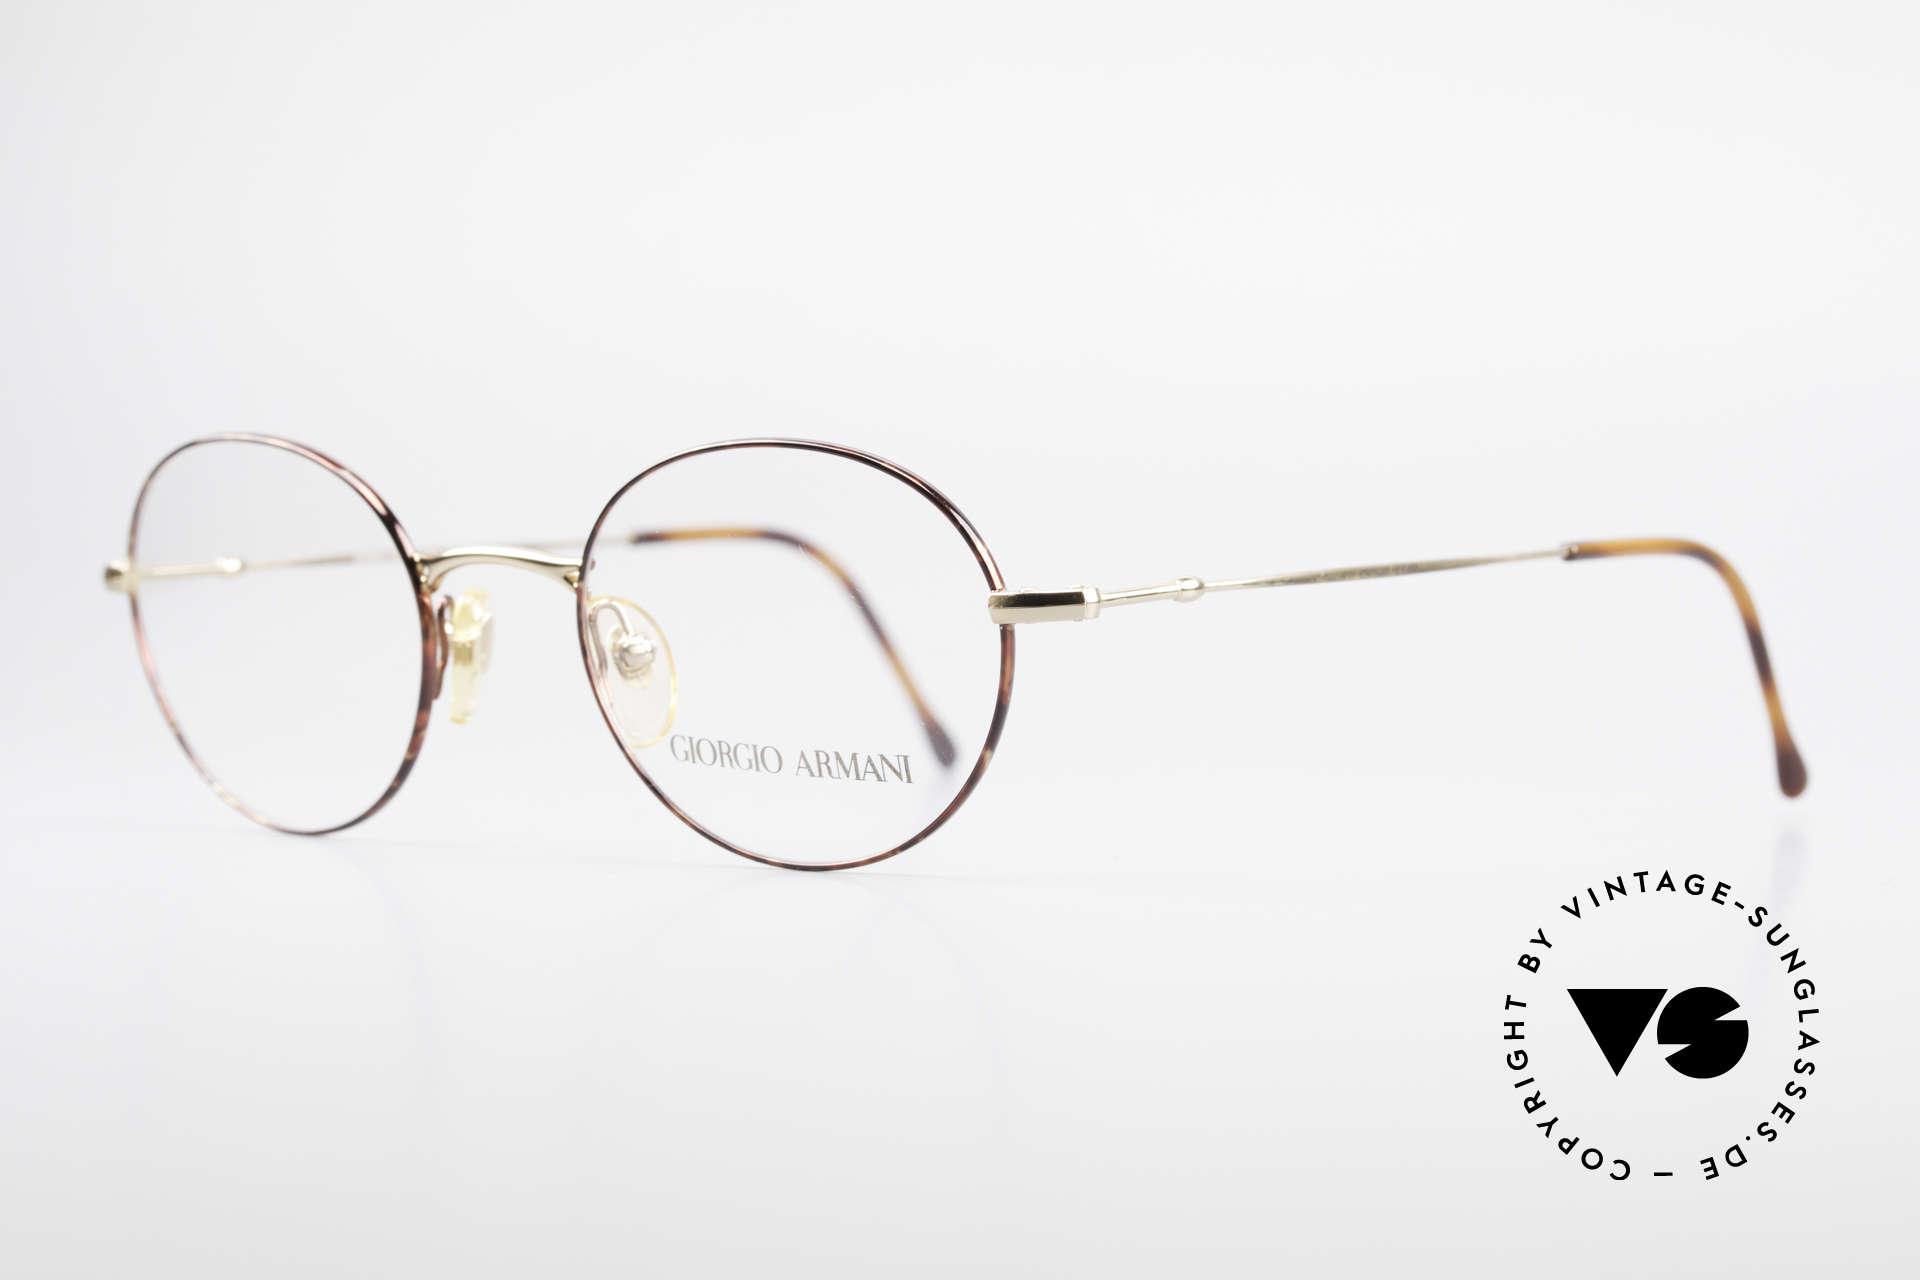 Giorgio Armani 252 Alte Vintage Brille Oval 90er, sehr elegante Lackierung in gold und kastanienbraun, Passend für Herren und Damen